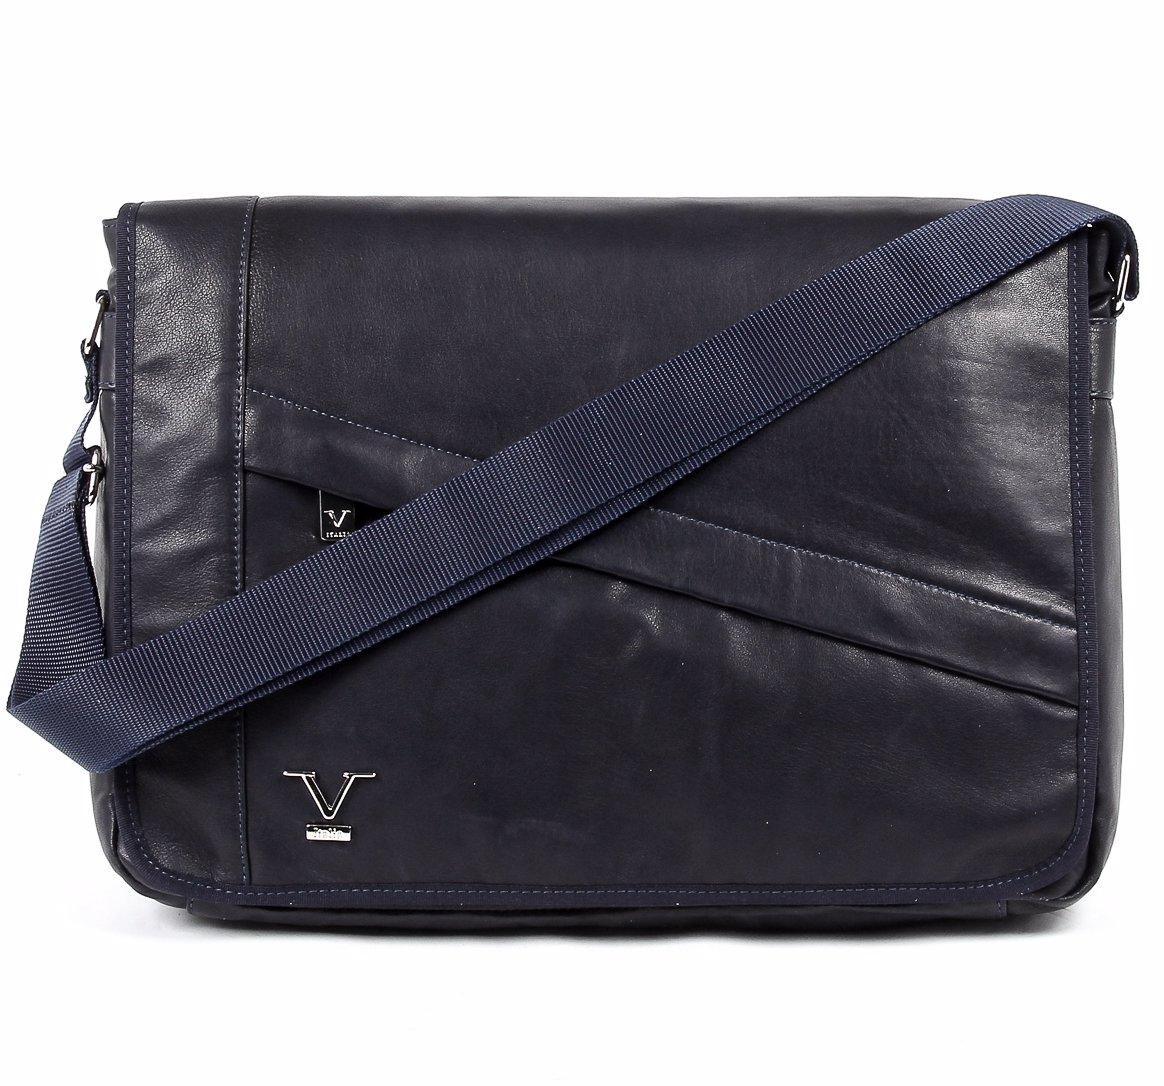 76917aec83 Preview with Zoom. Versace 1969 Abbigliamento Sportivo SRL Milano Ita. Men s  Leather Bag ...